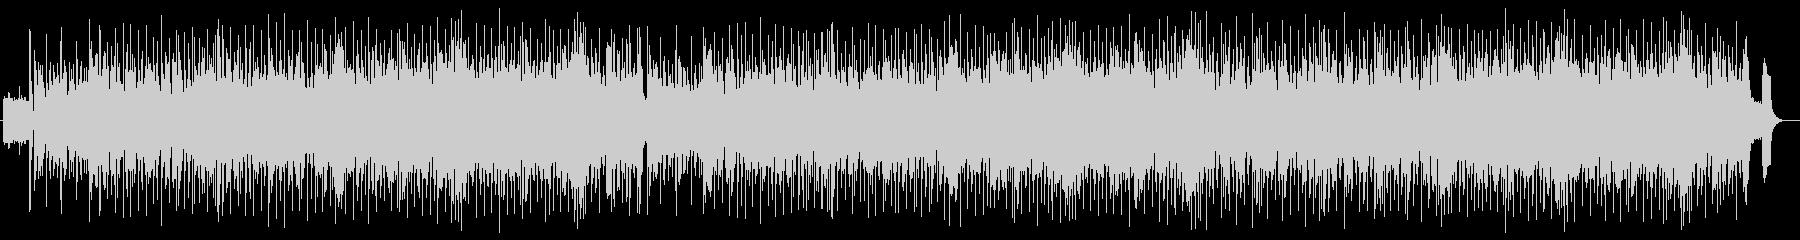 マジックショー風シンセサイザーピアノ曲の未再生の波形